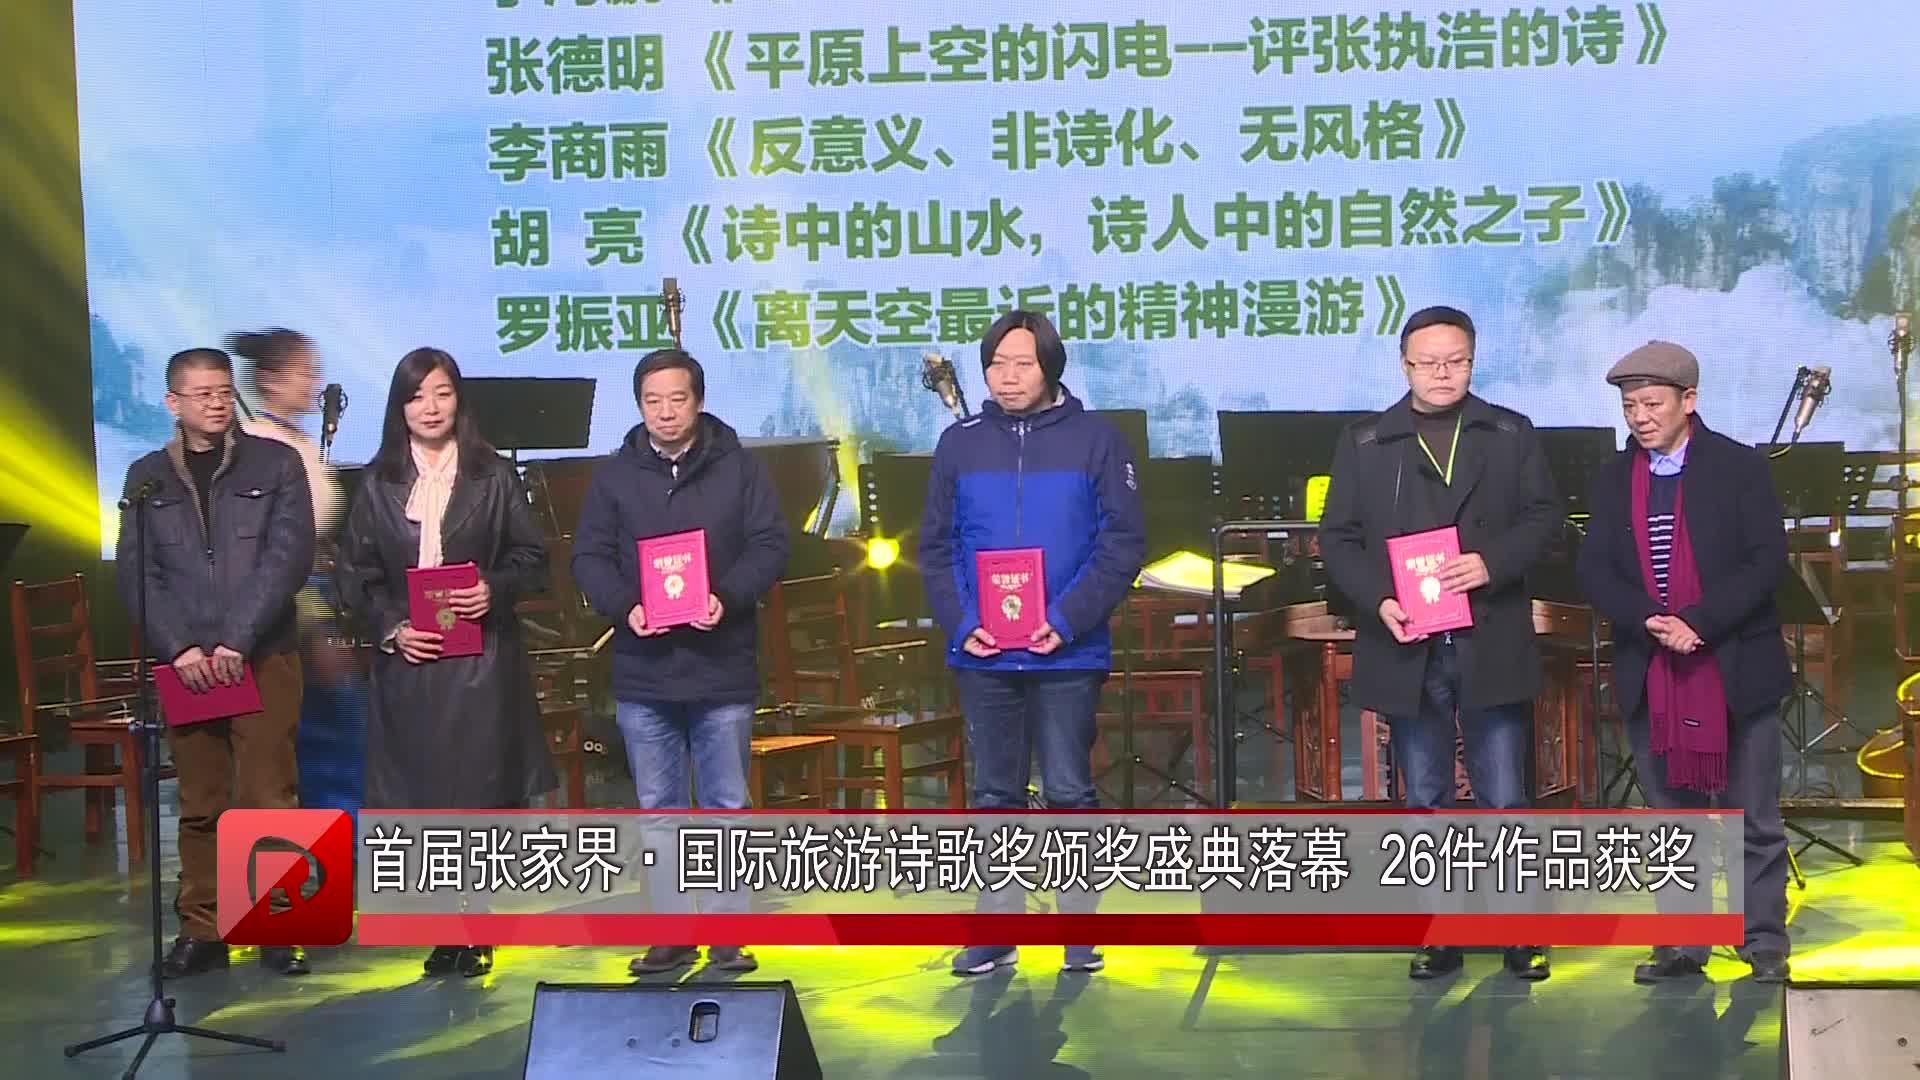 首届张家界·国际旅游诗歌奖颁奖盛典落幕 26件作品获奖